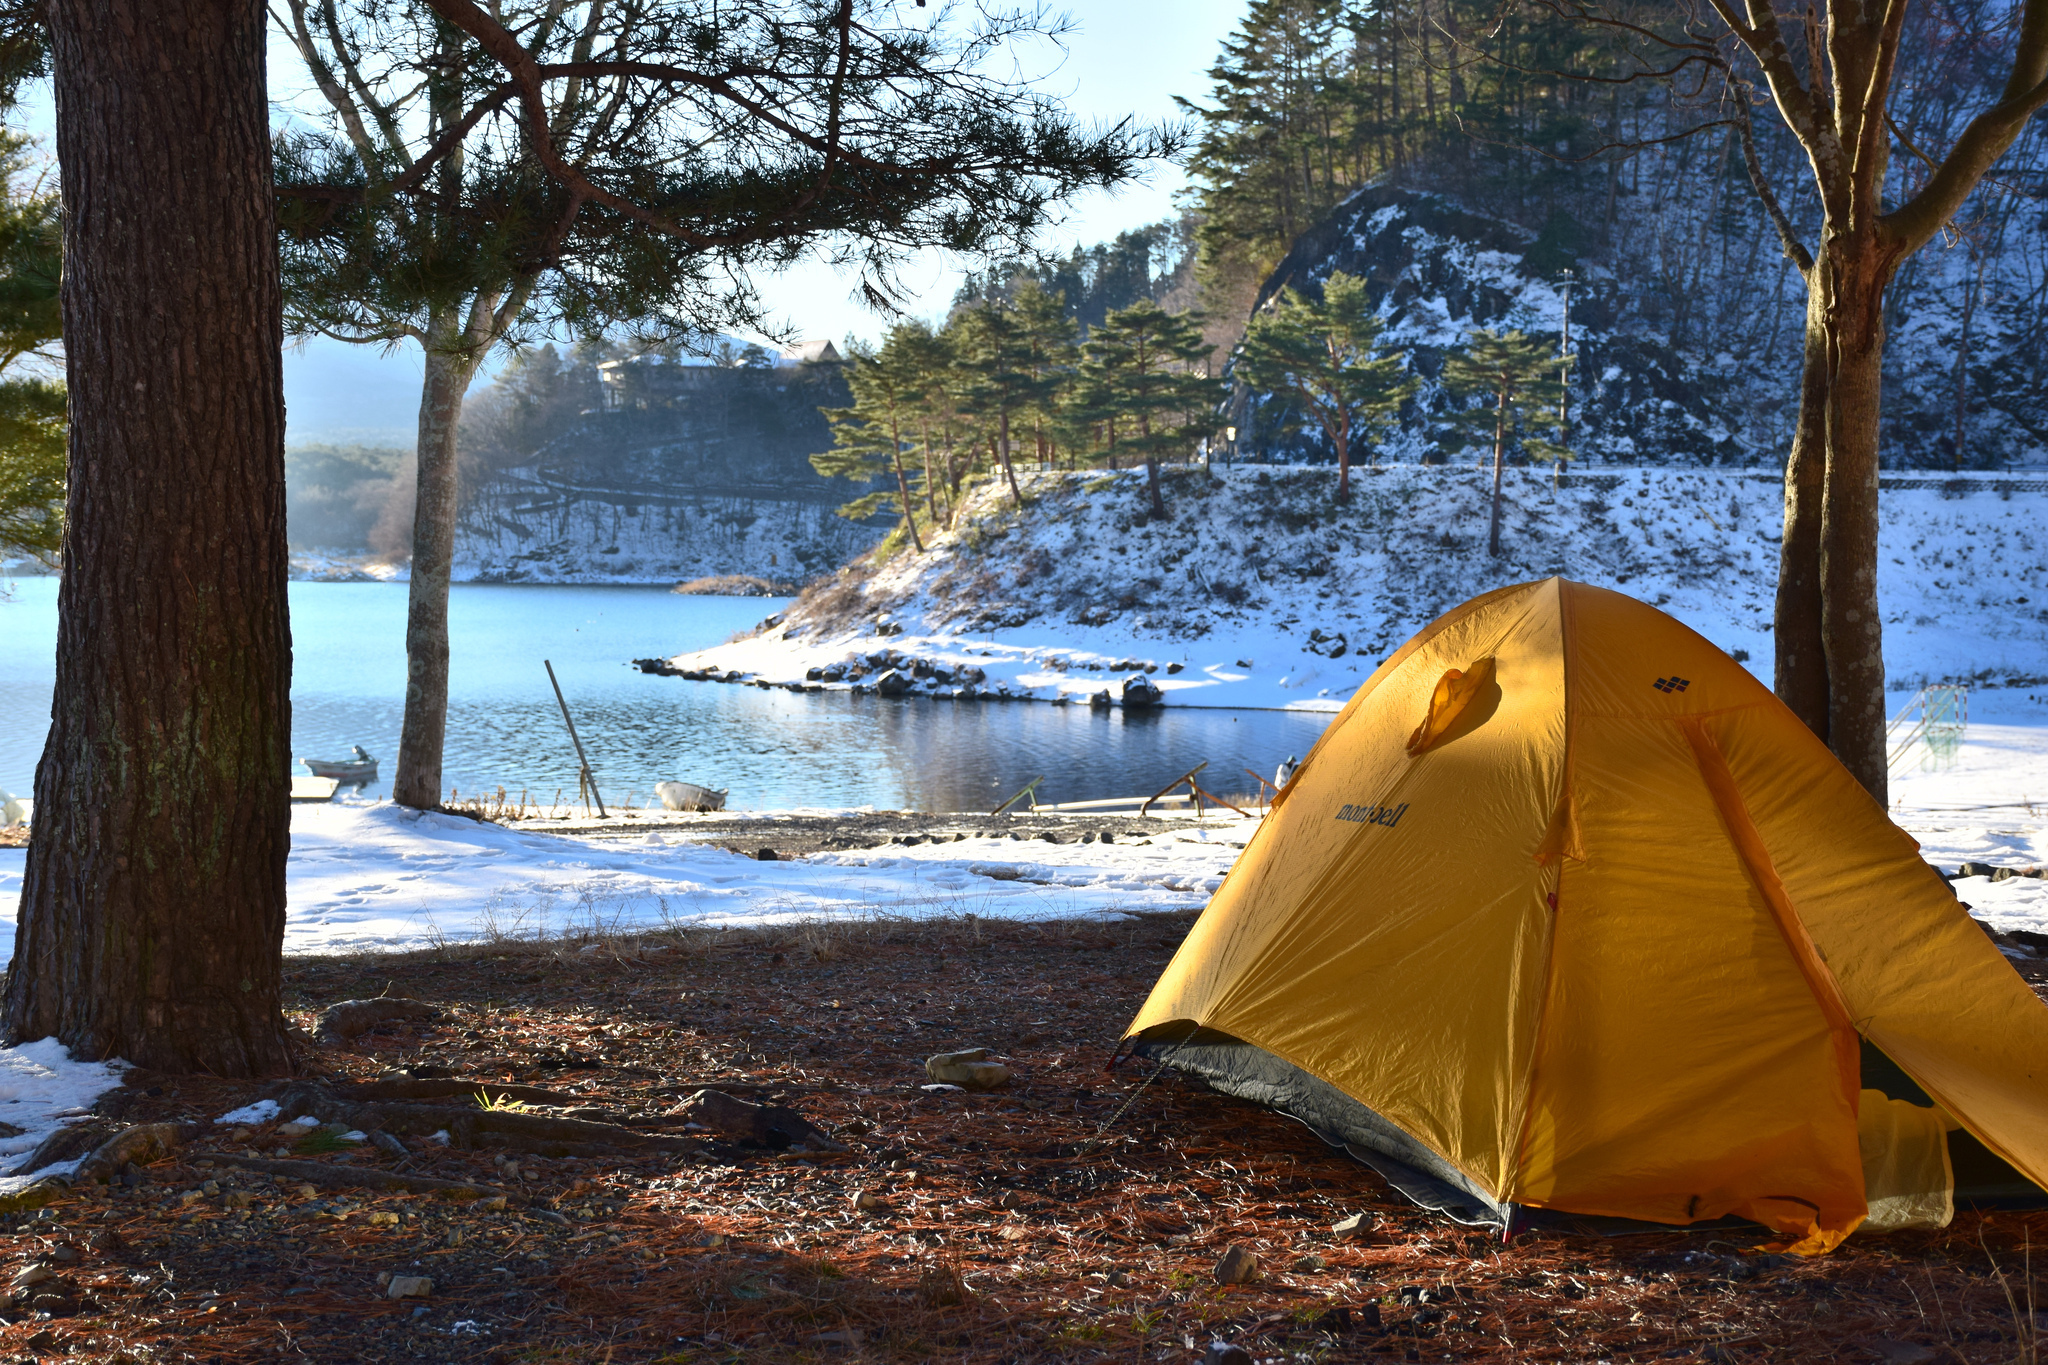 冬キャンプの味方!体の芯まで温まる防寒アイテム5選☆